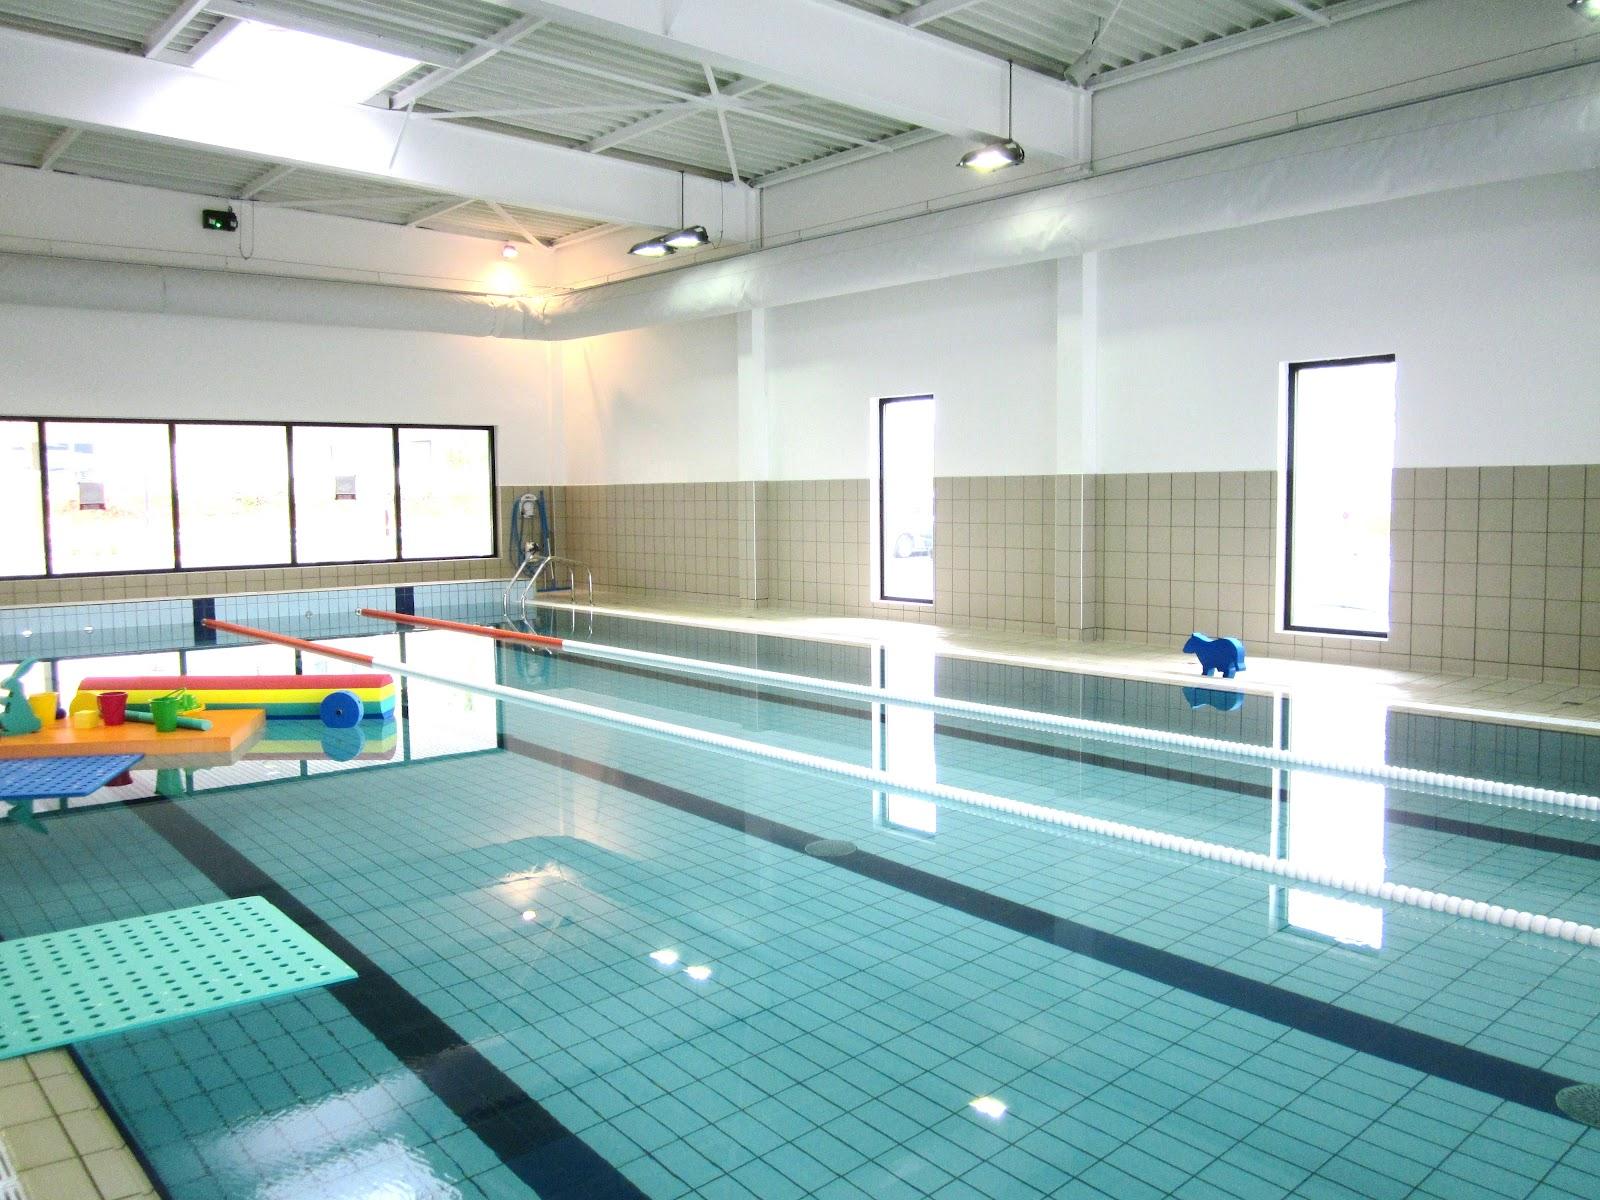 Le blog de marie line ouverture d 39 une piscine 5 min de for Piscine quimper